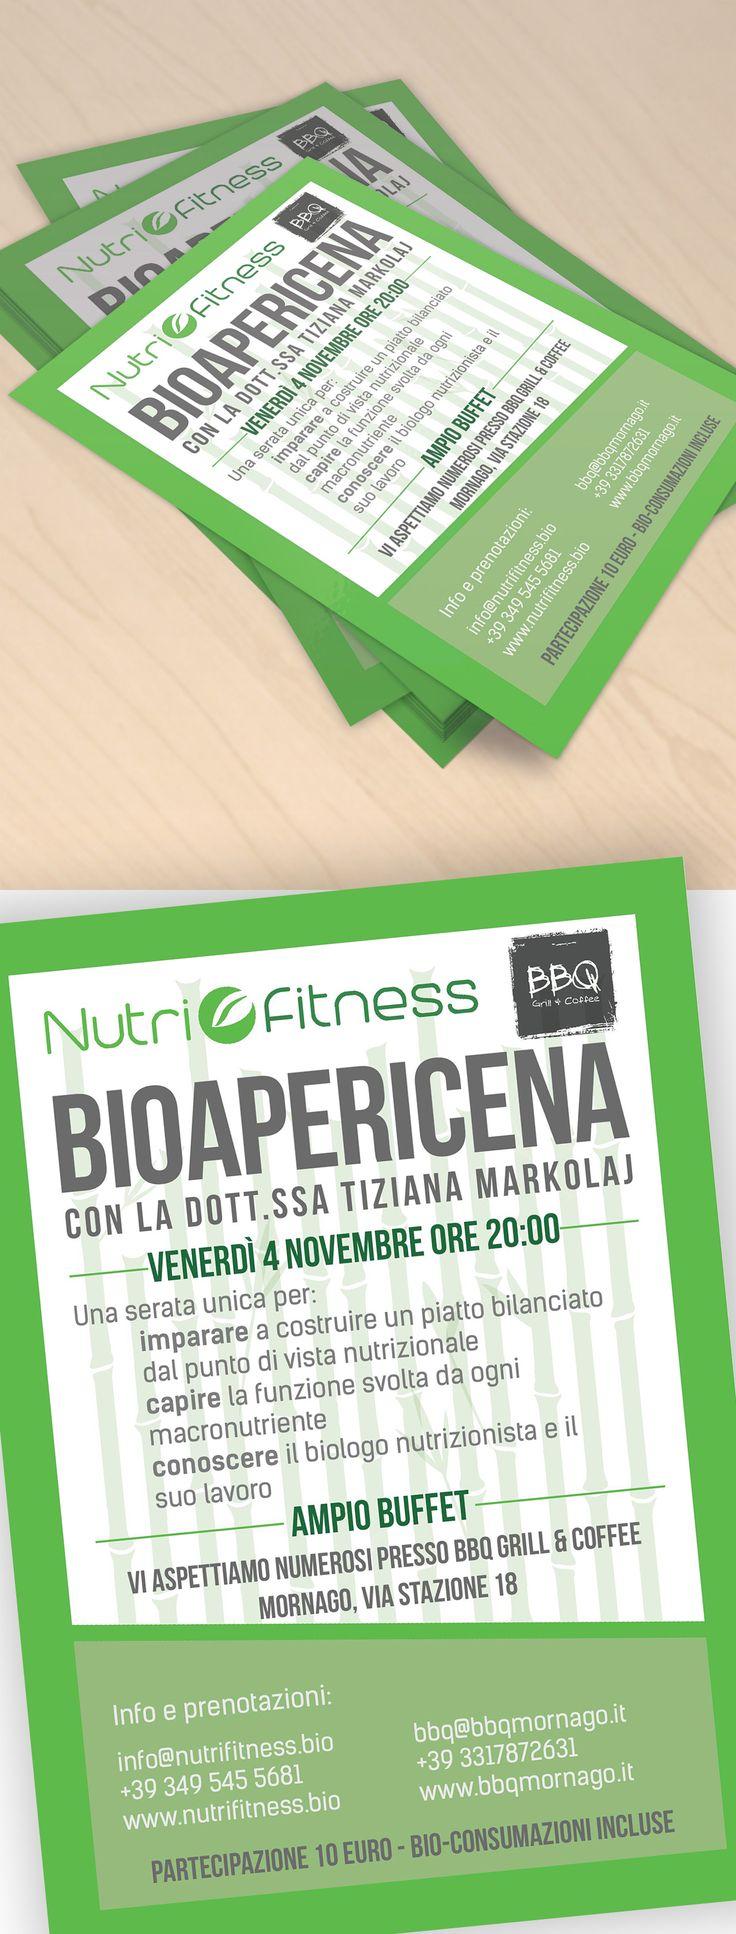 A3 / A5 flyer for nutrition event with Dr Tiziana Markolaj for Nutrifitness.  Volantino A3 / A5 per evento di nutrizione con la dottoressa Tiziana Markolaj per Nutrifitness.